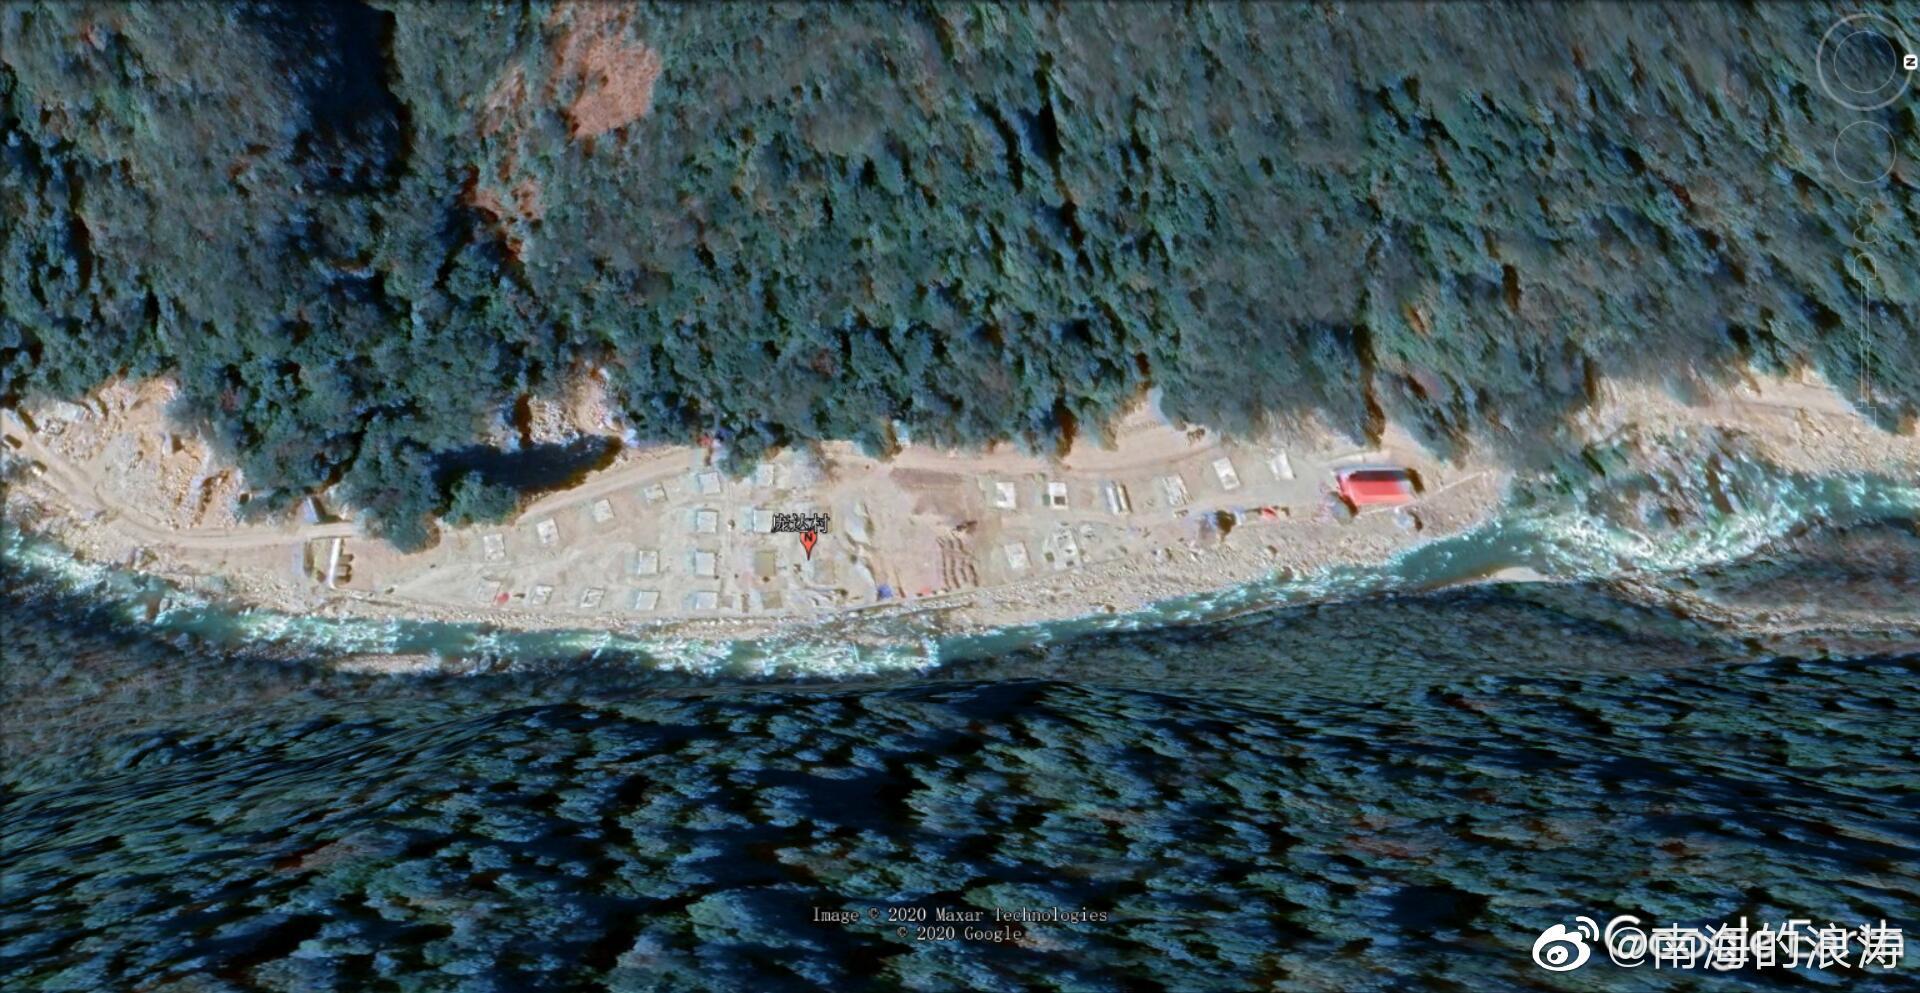 亚东县的洞朗地区有了第一个行政村,第一批常住居民